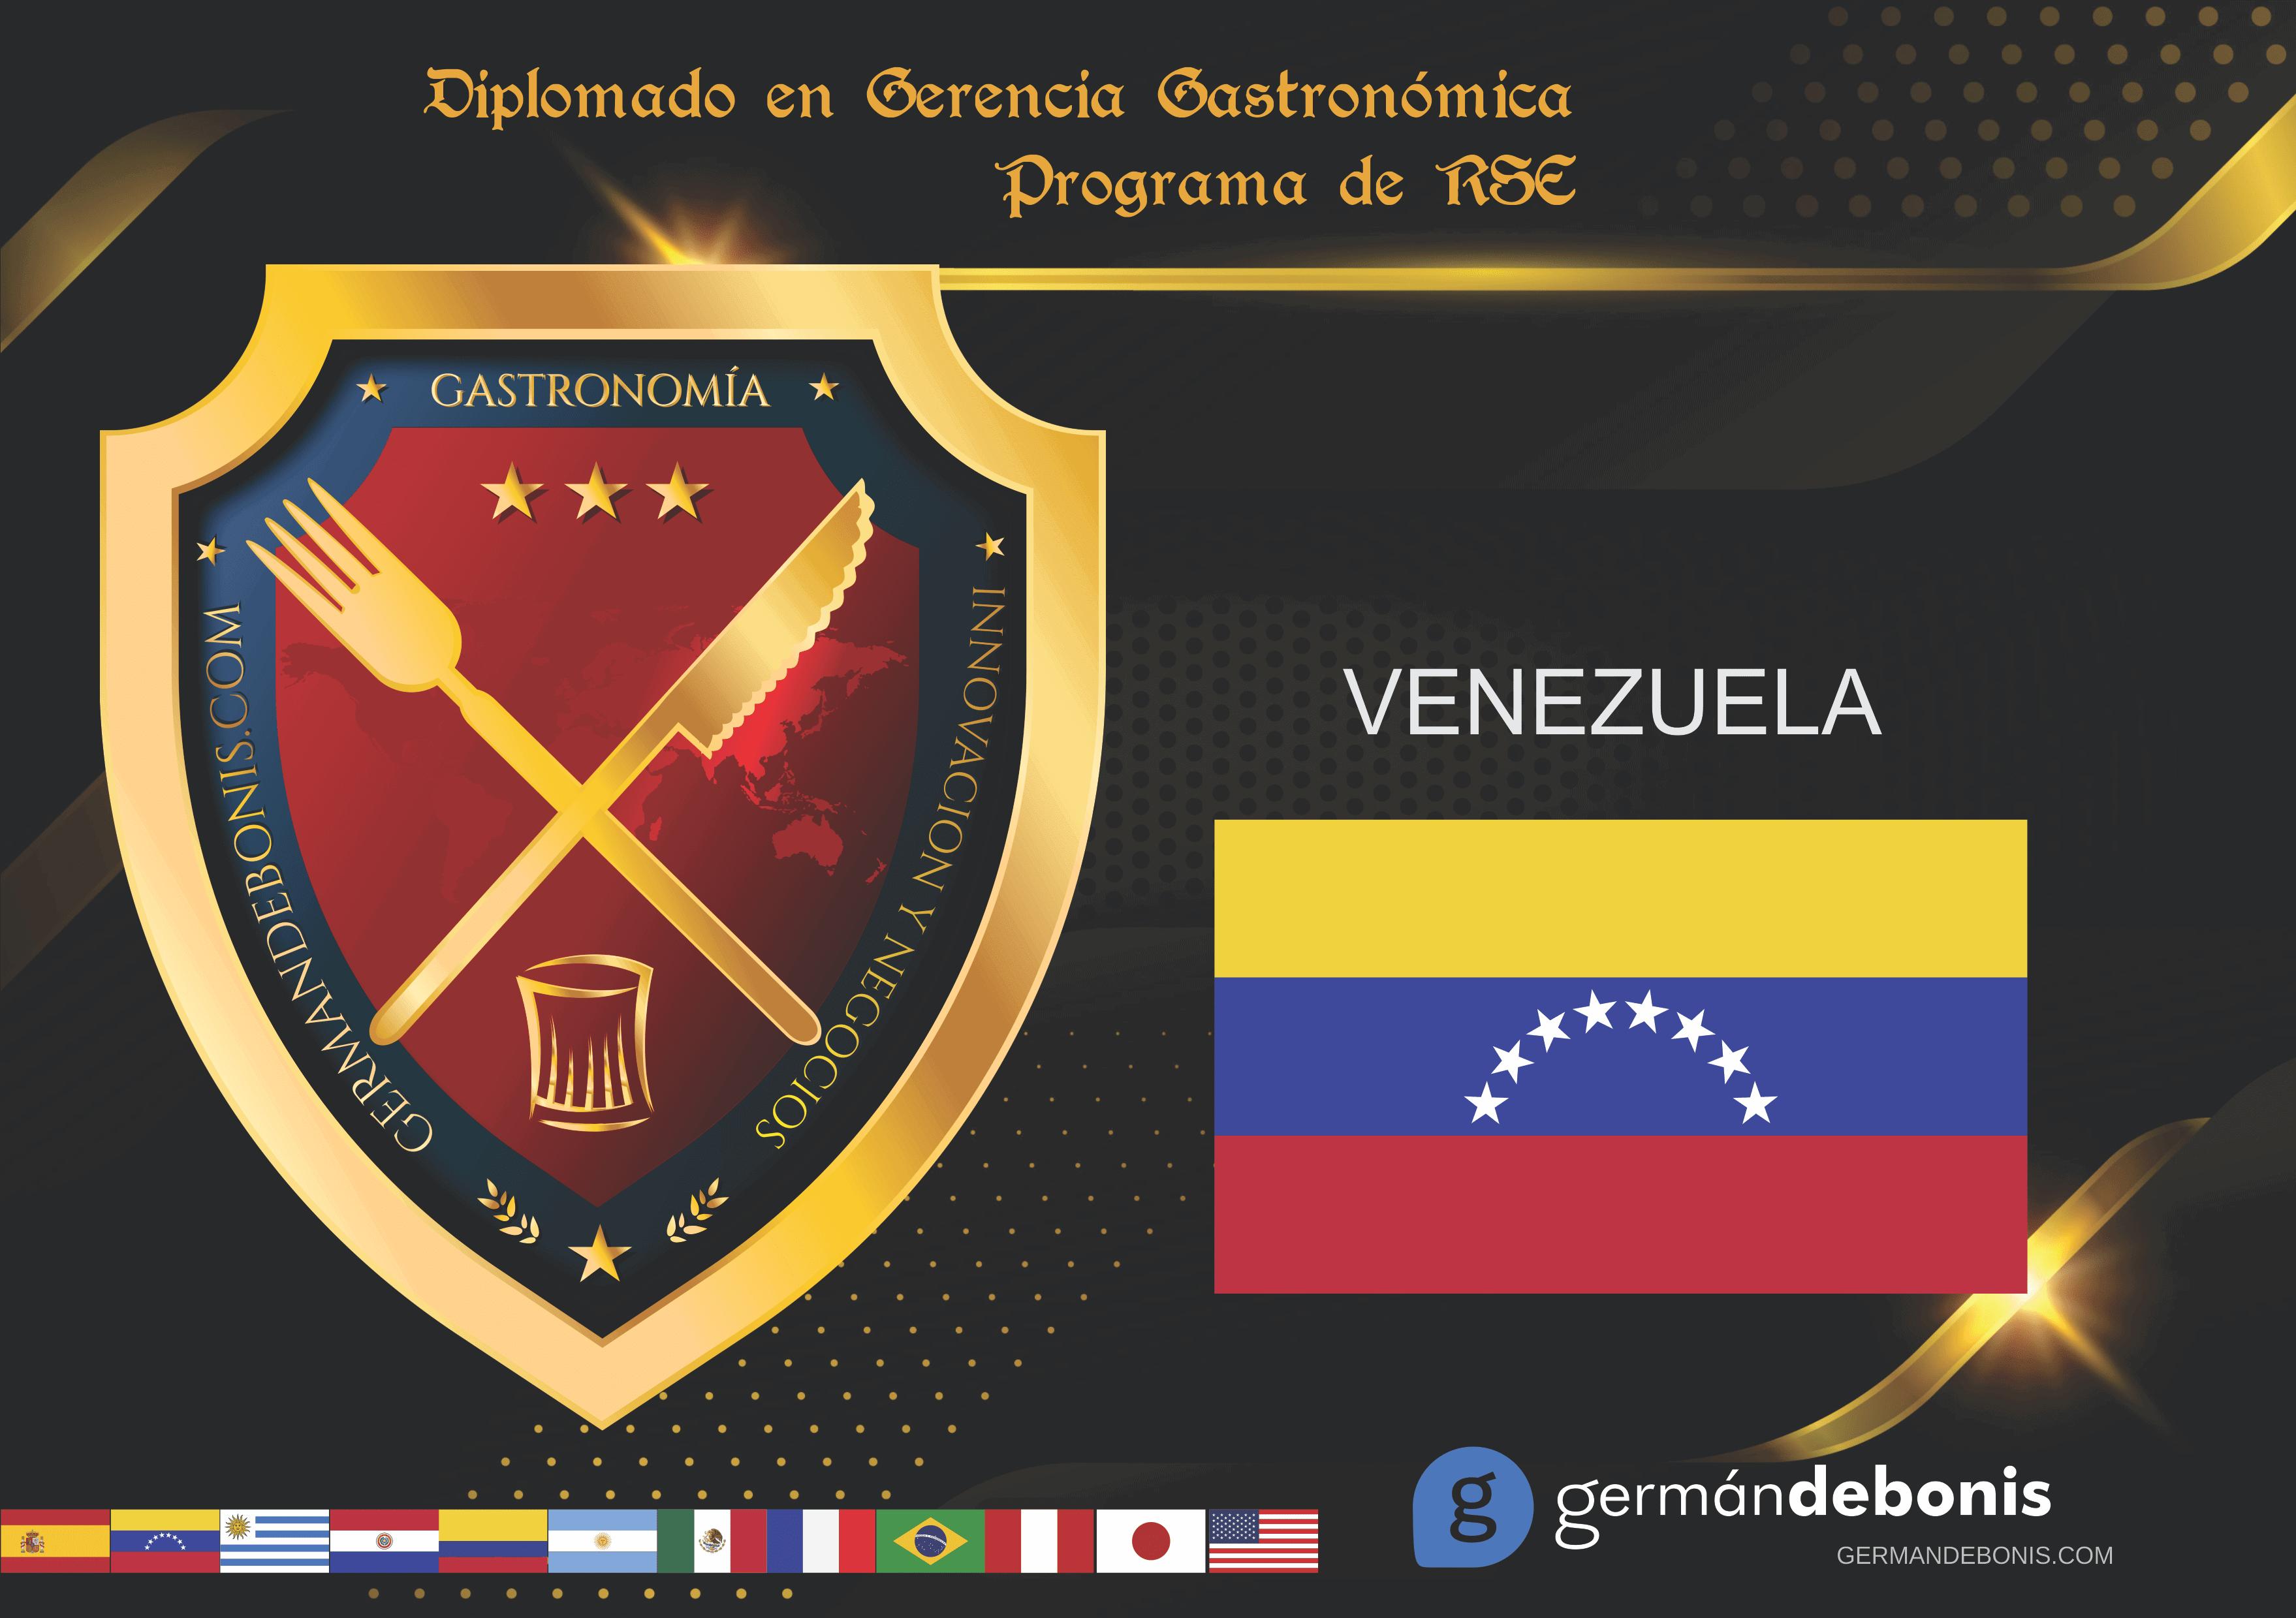 Venezuela Gastronómica